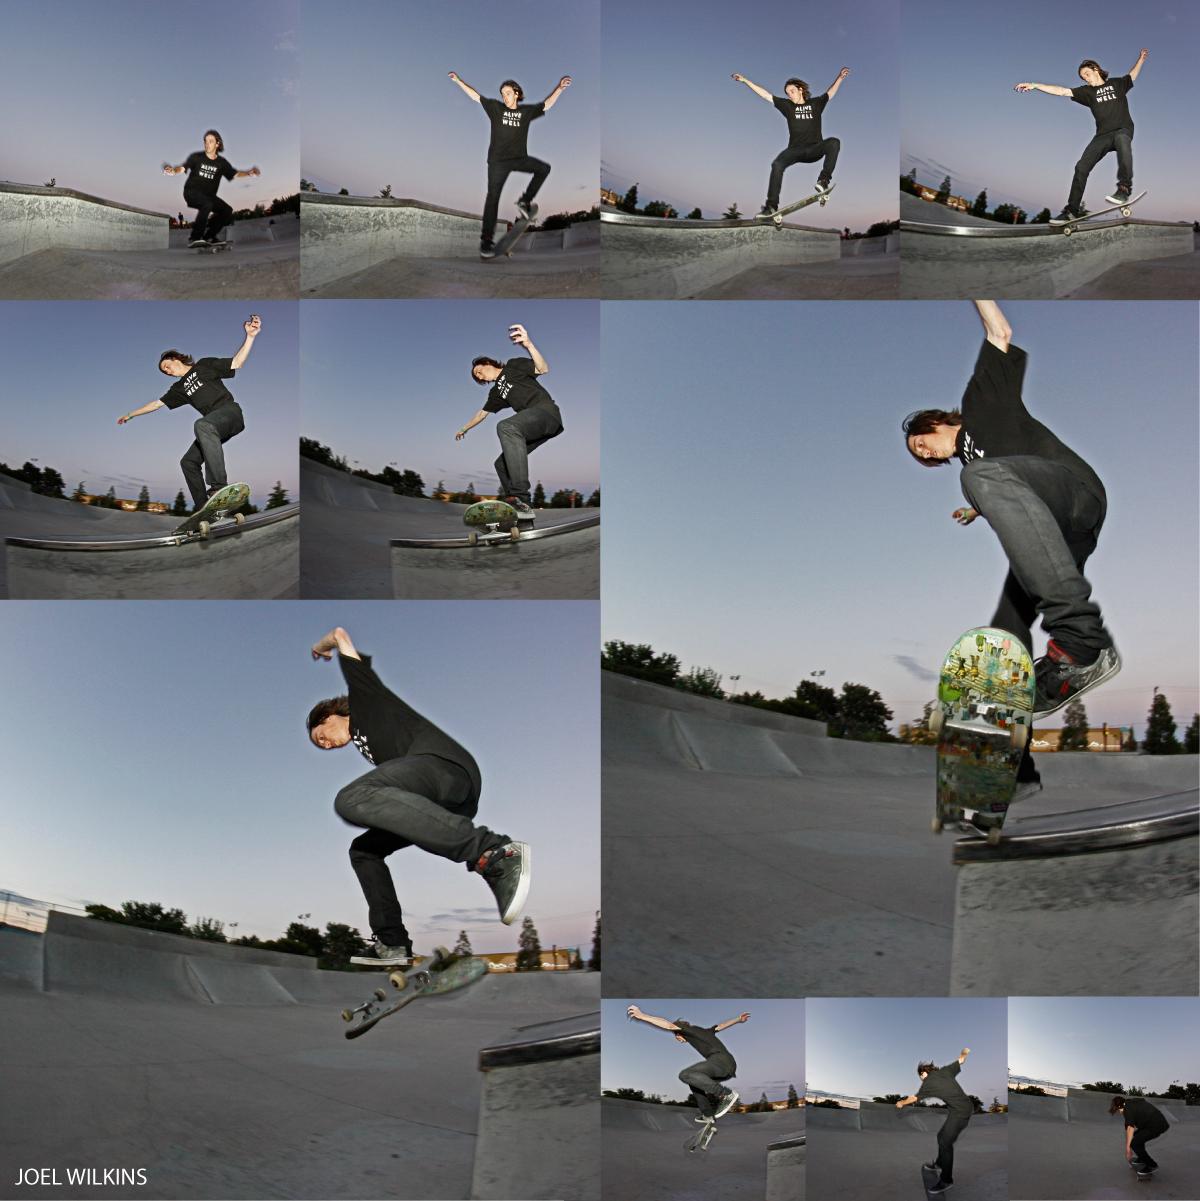 joel wilkins skateboarding reno